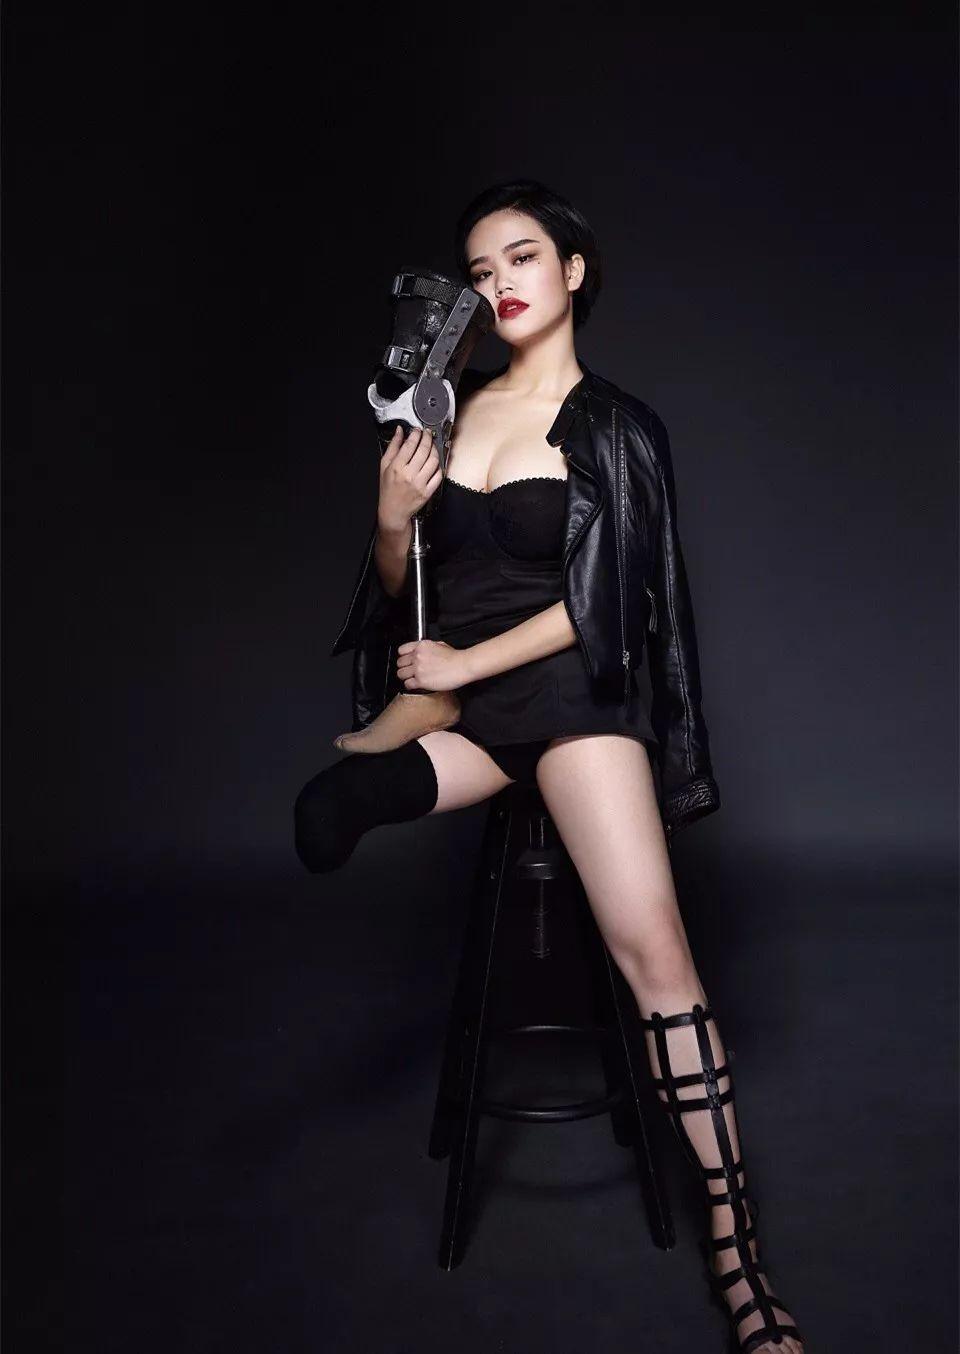 22岁女孩惹哭何炅,穿最短的裙,秀最酷的腿,拒